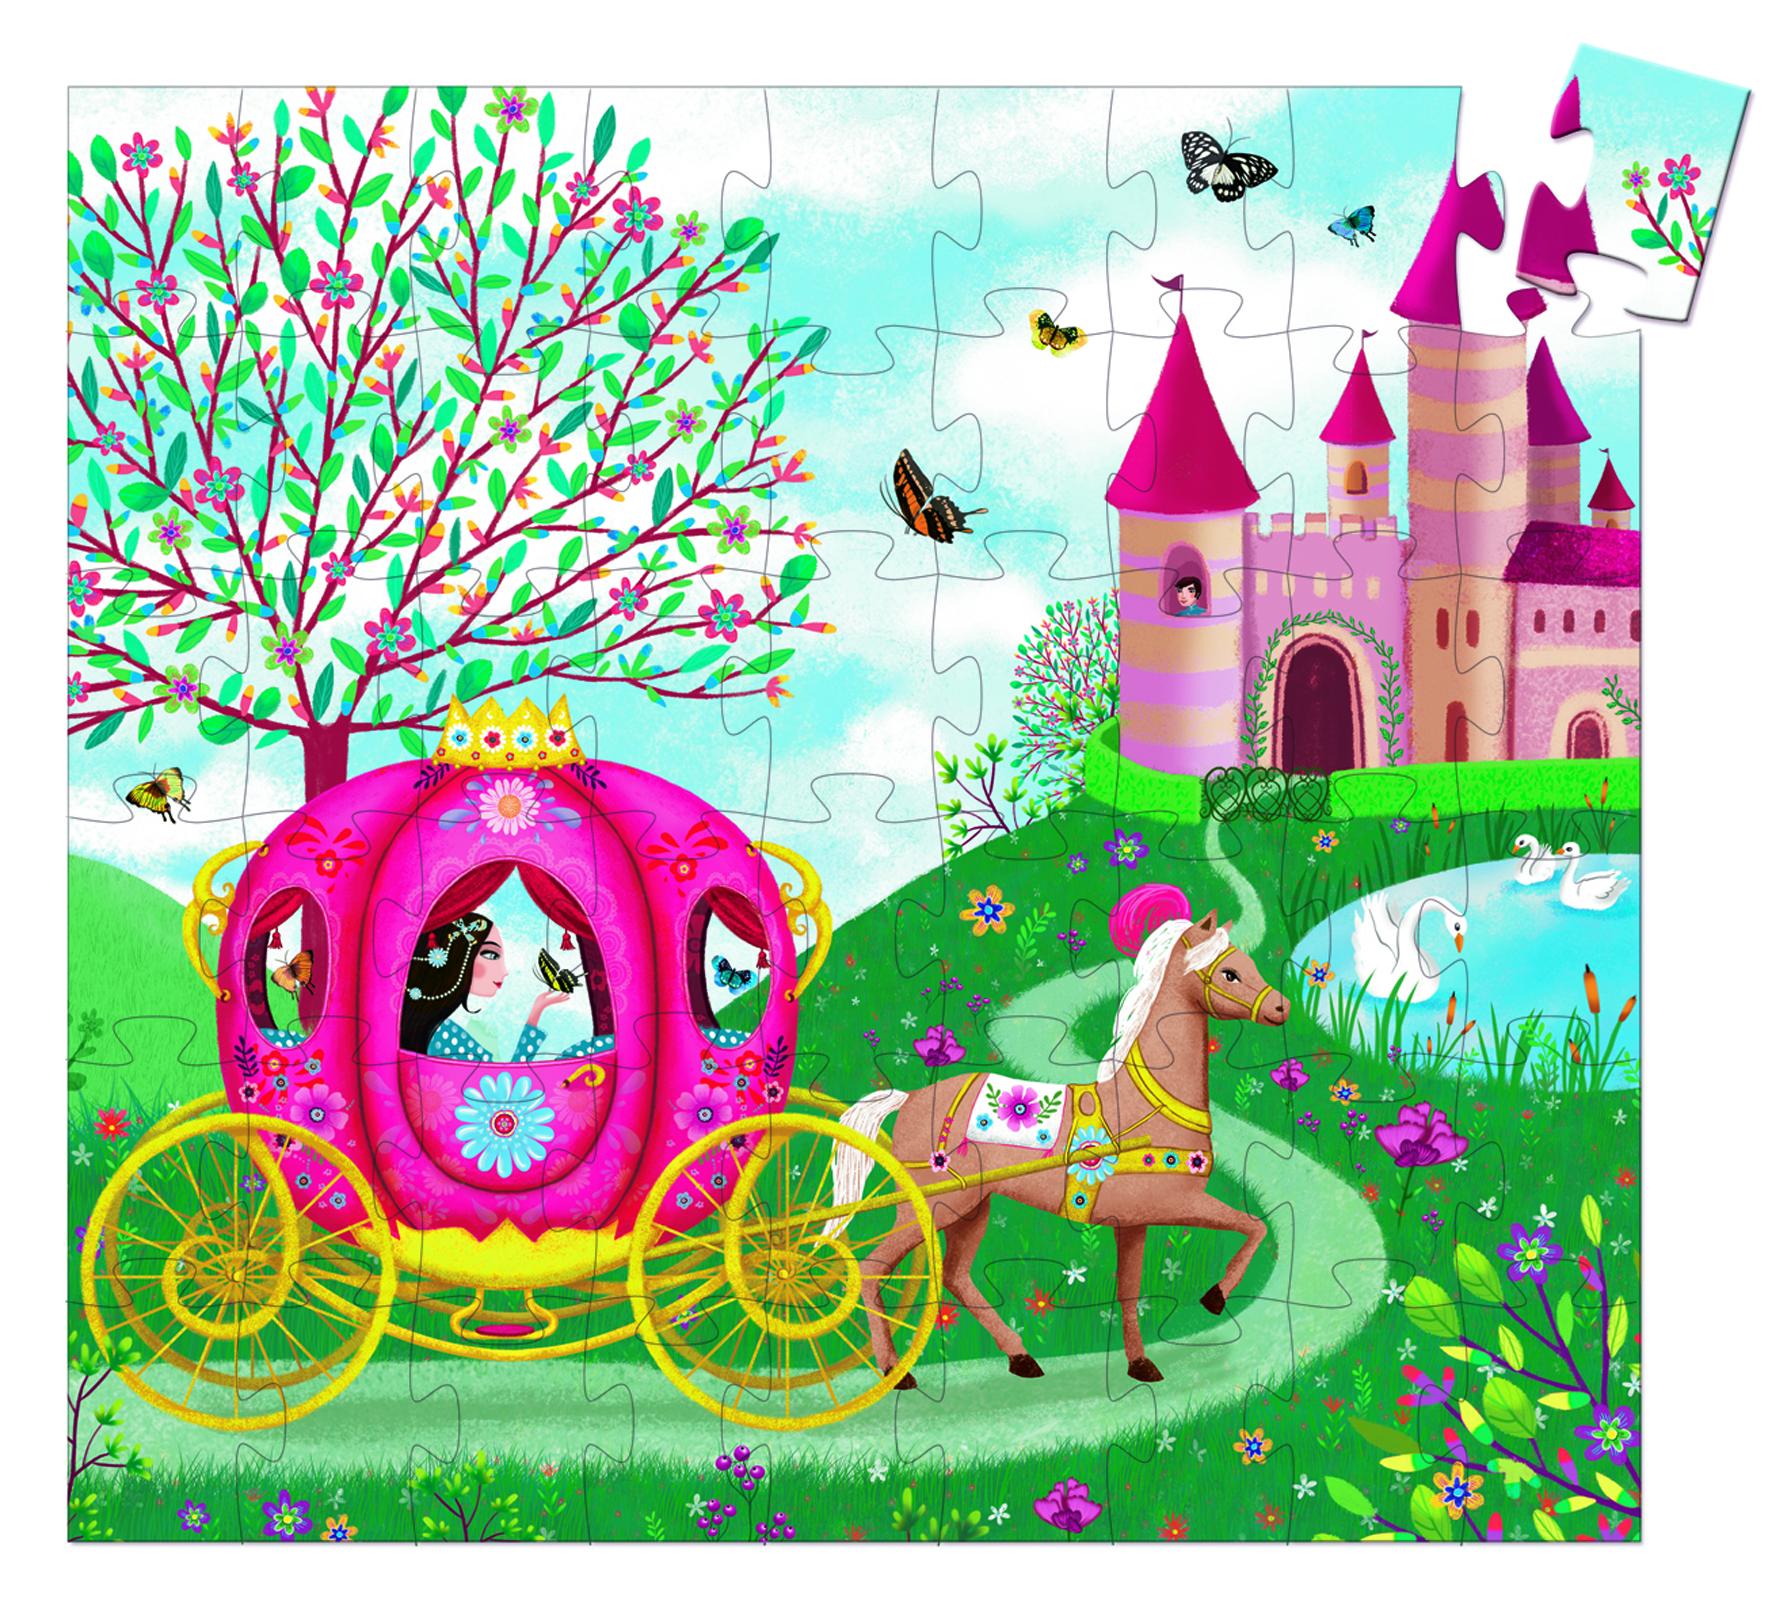 Djeco 7254 Silhouette Puzzle Die Kutsche von Elise